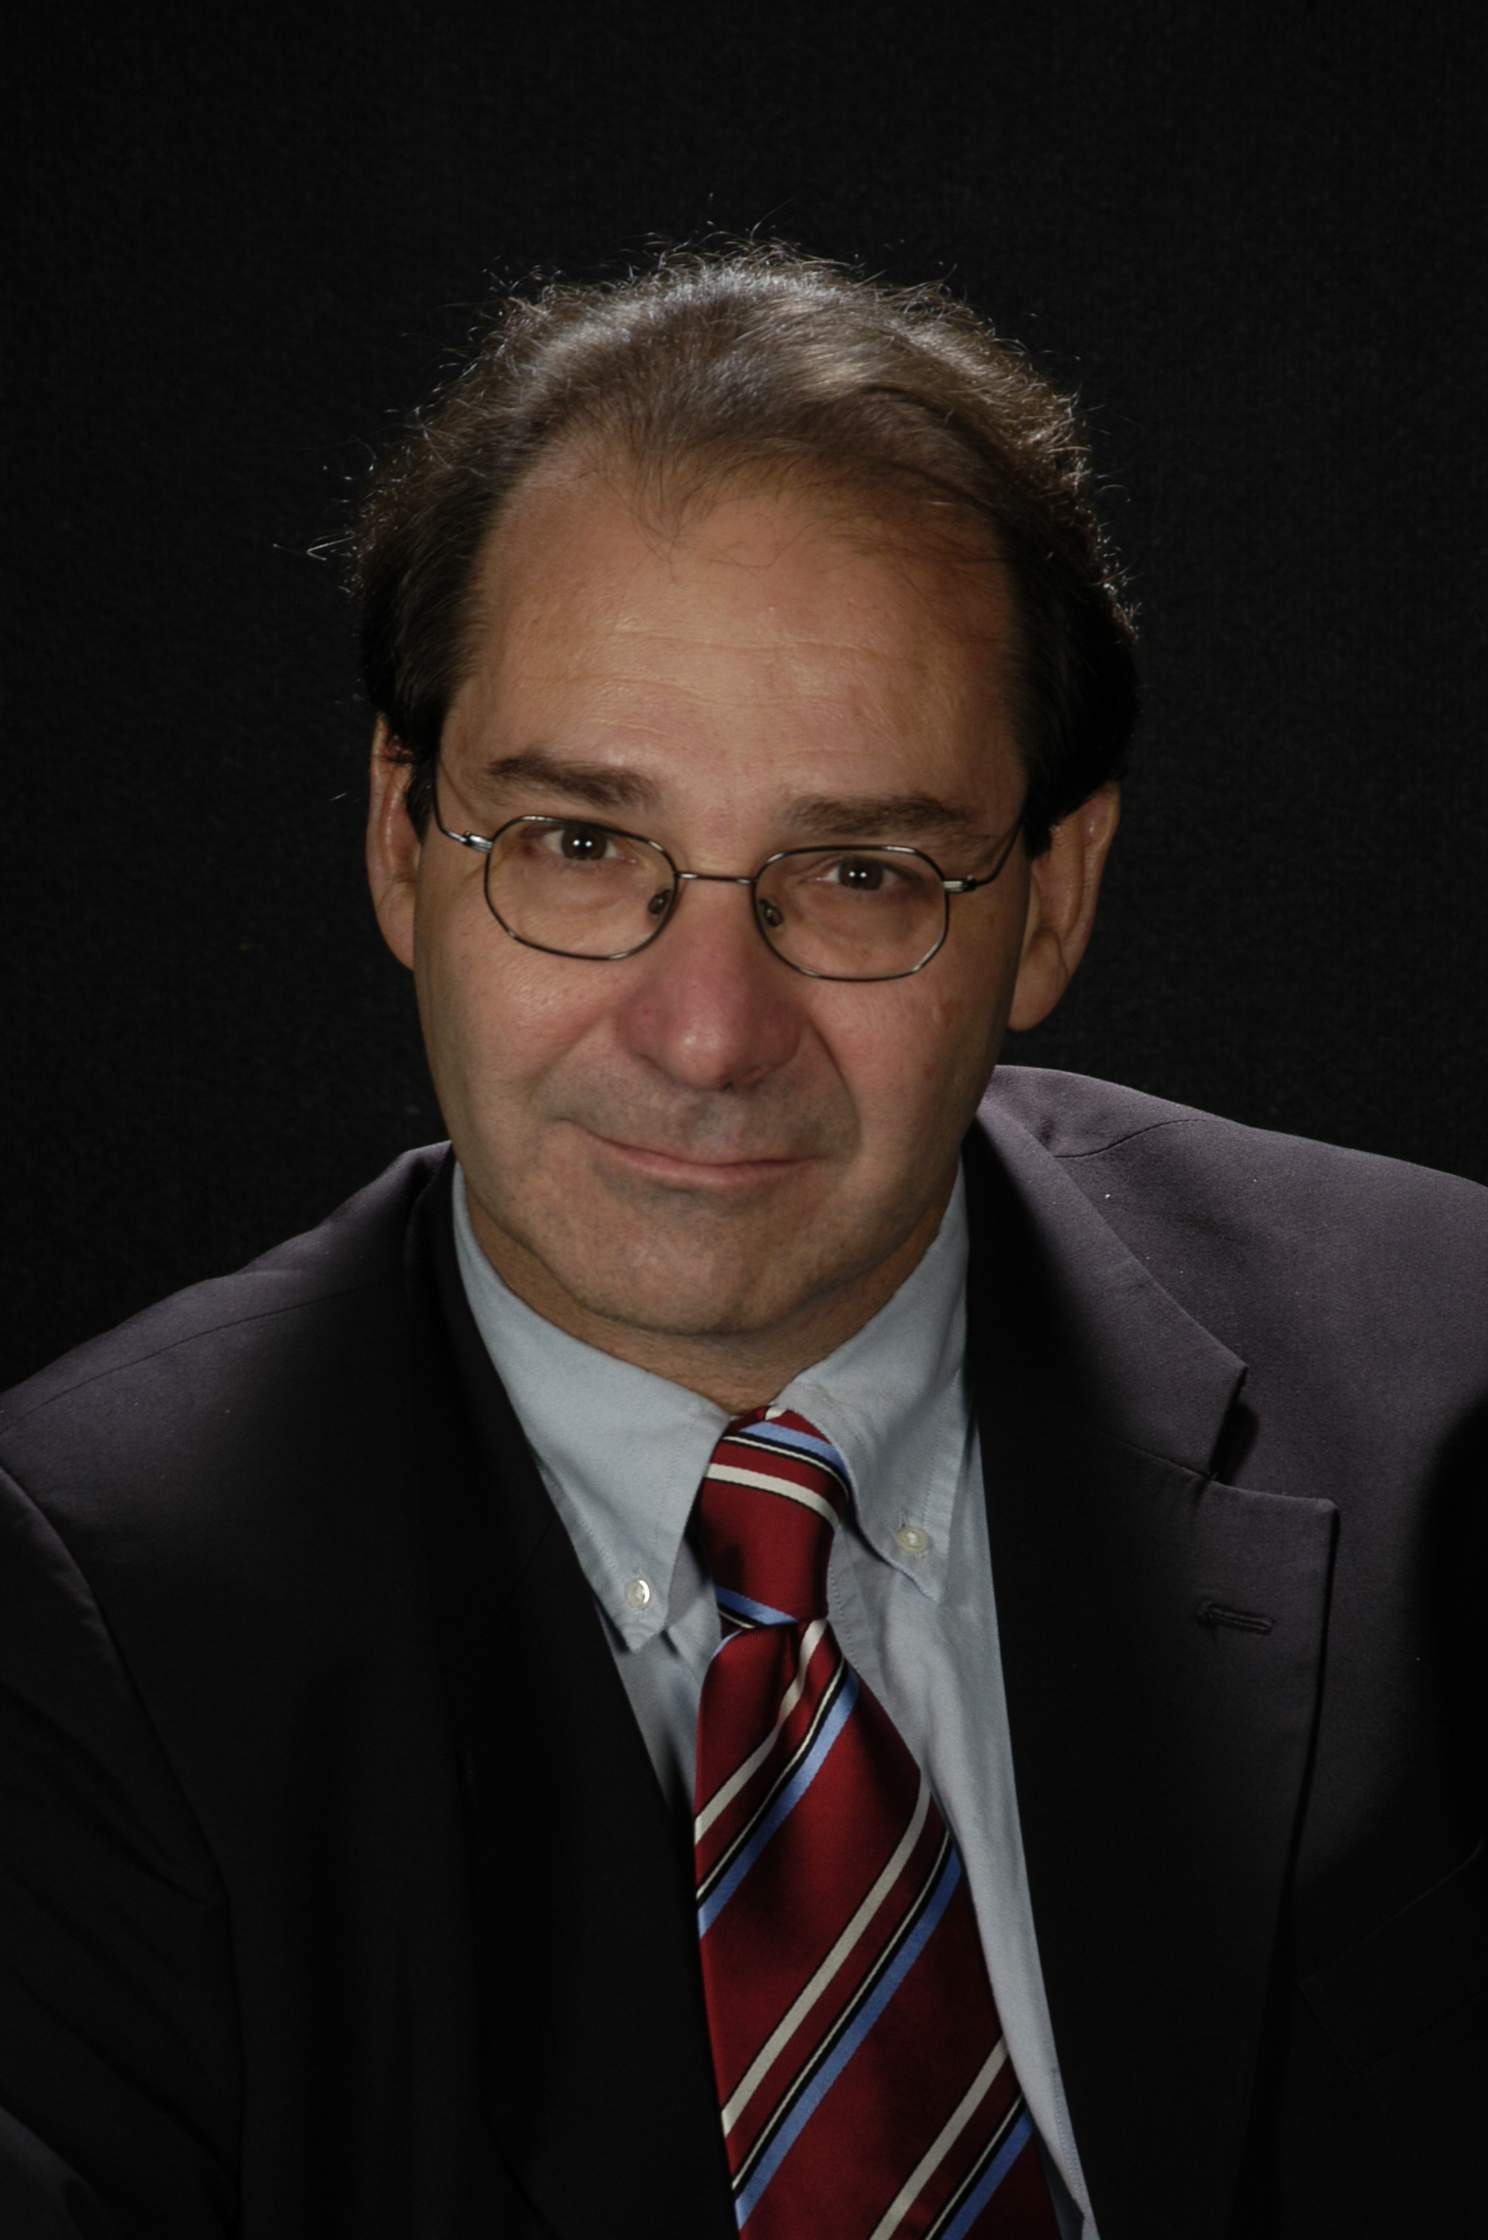 Dr. Frederic Oppenheimer Salinas